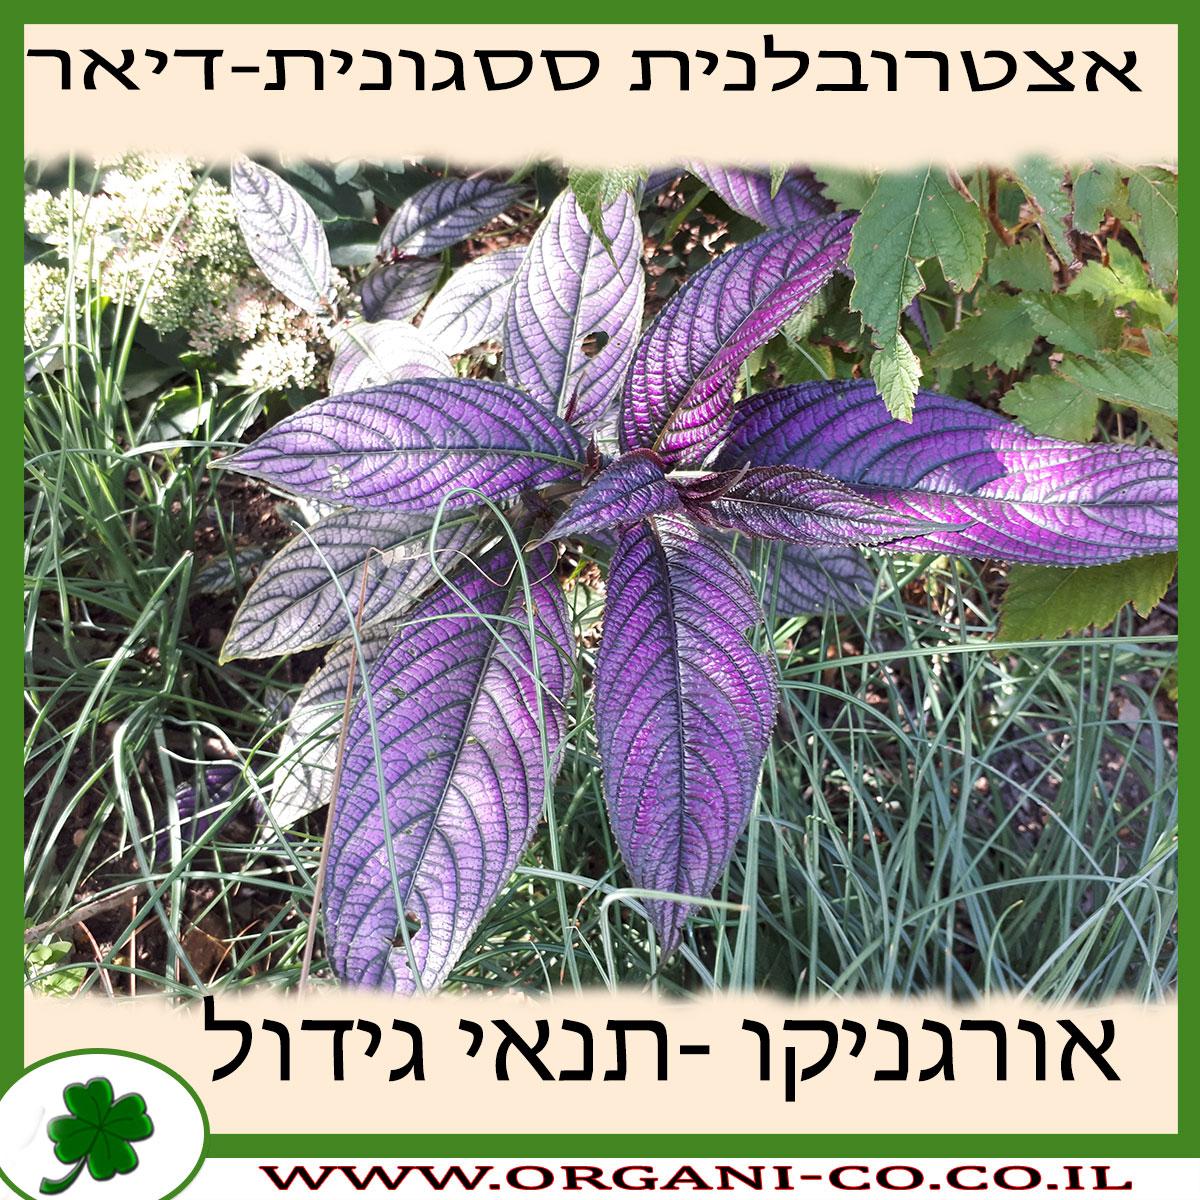 אצטרובלנית ססגונית (דיאר) גידול צמח